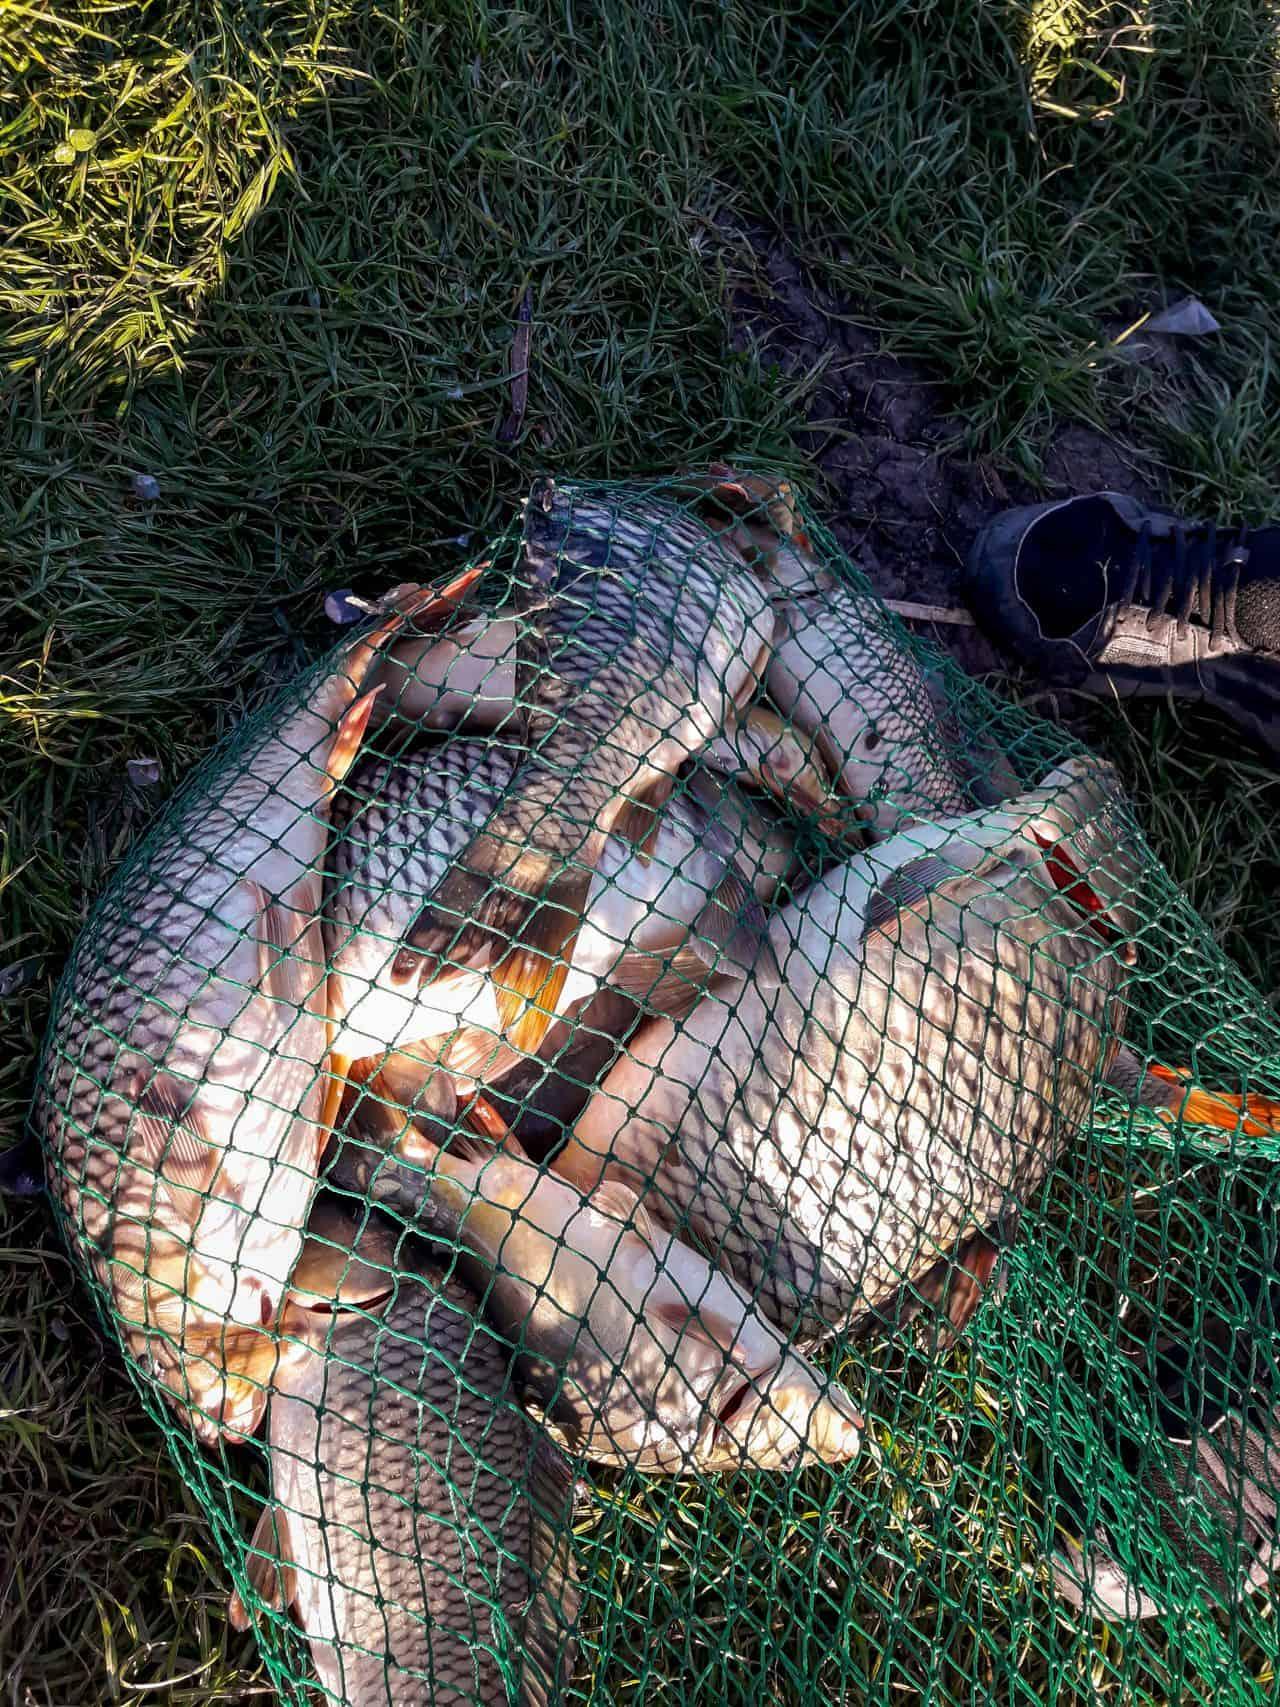 ANPA a eliminat propunerea ARBDD din ordinul de prohibiţie: pescarii rămân cu crapul în sajoc!